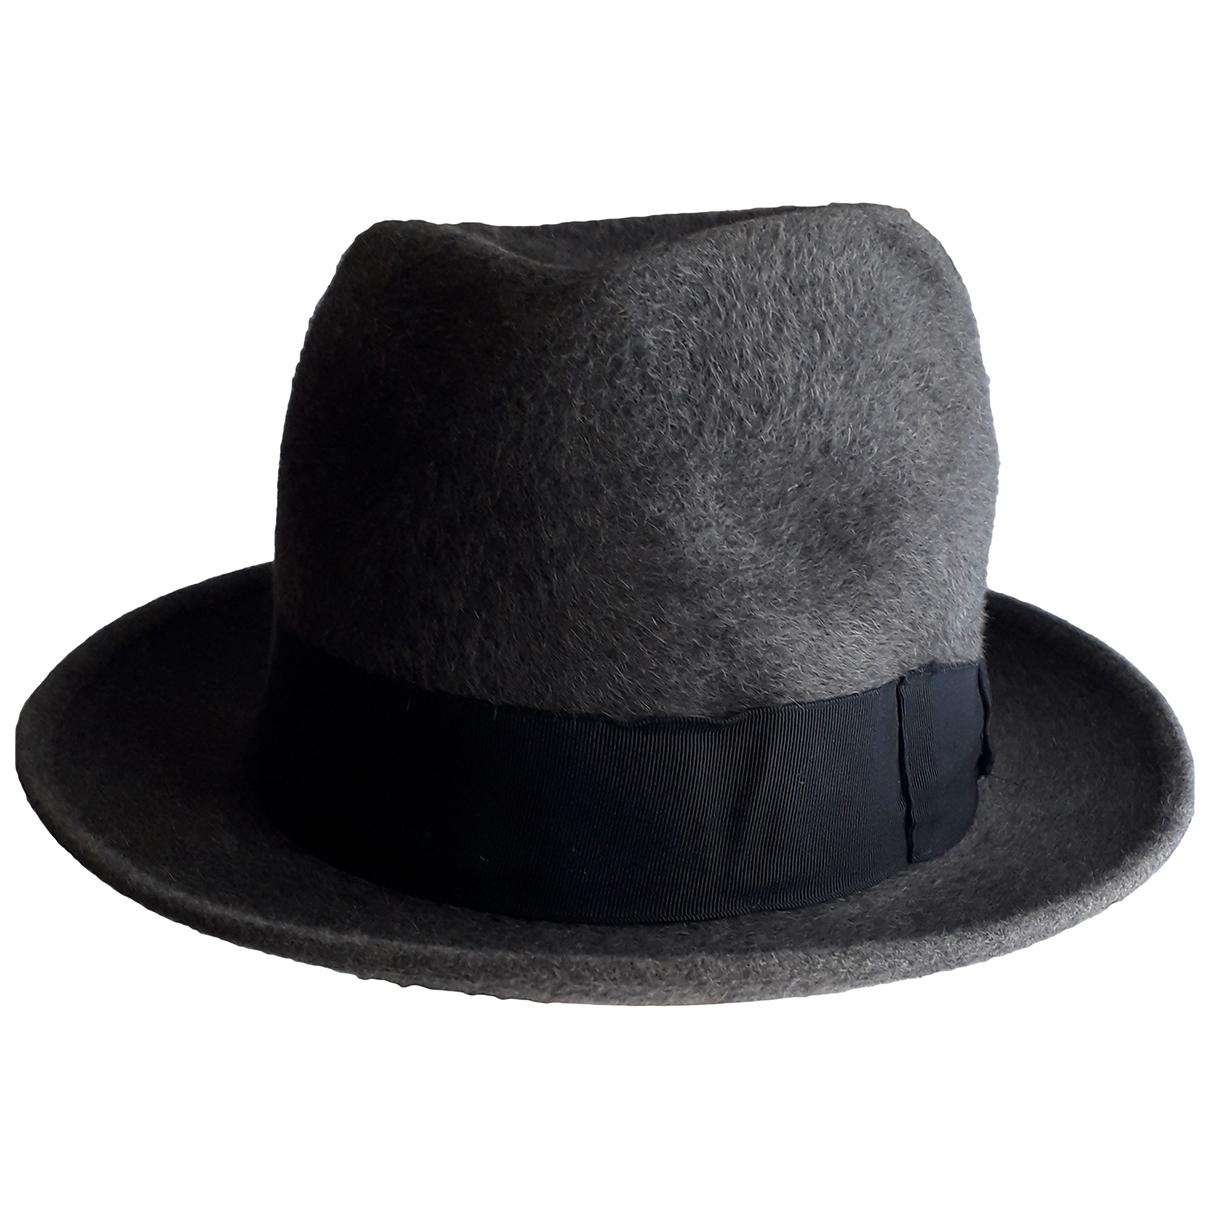 Borsalino - Chapeau & Bonnets   pour homme en lapin - anthracite